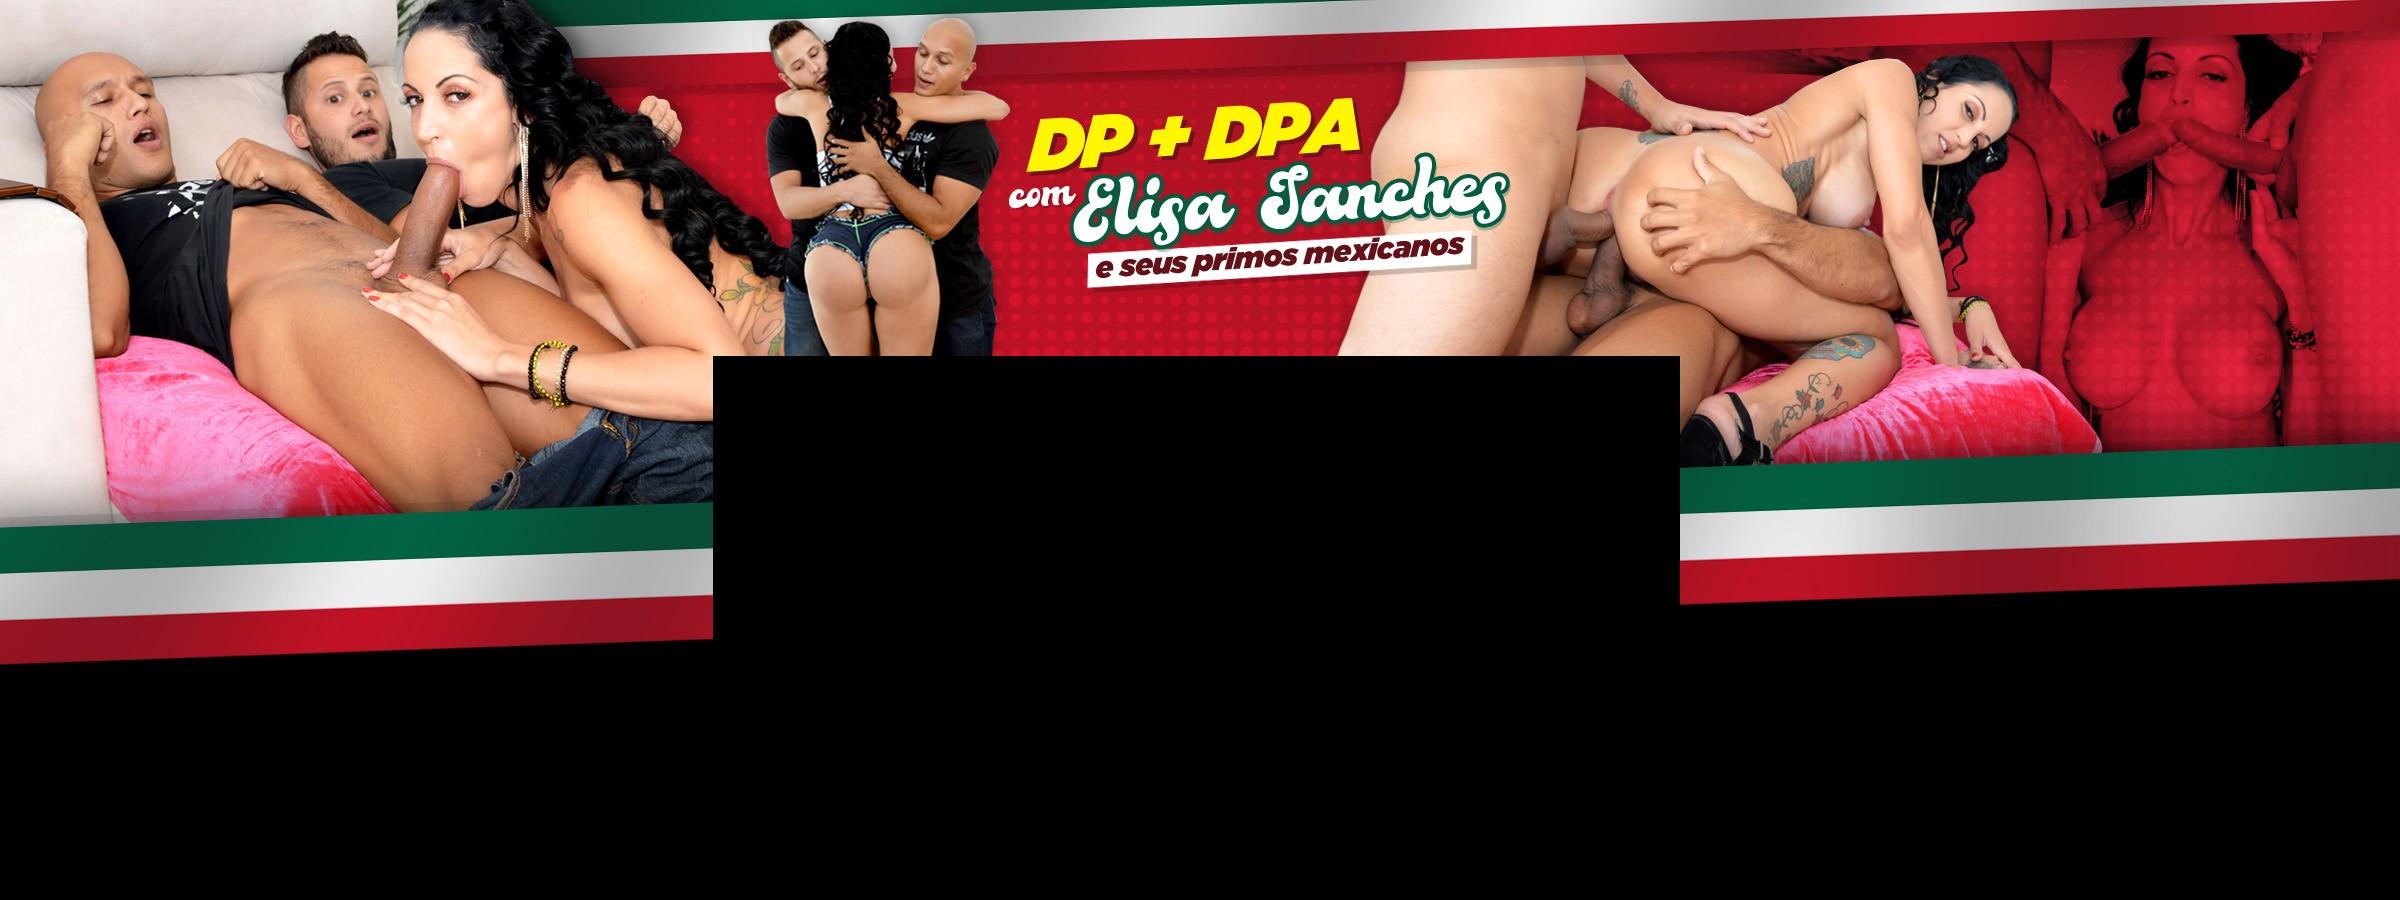 Elisa Sanches DP e DPA